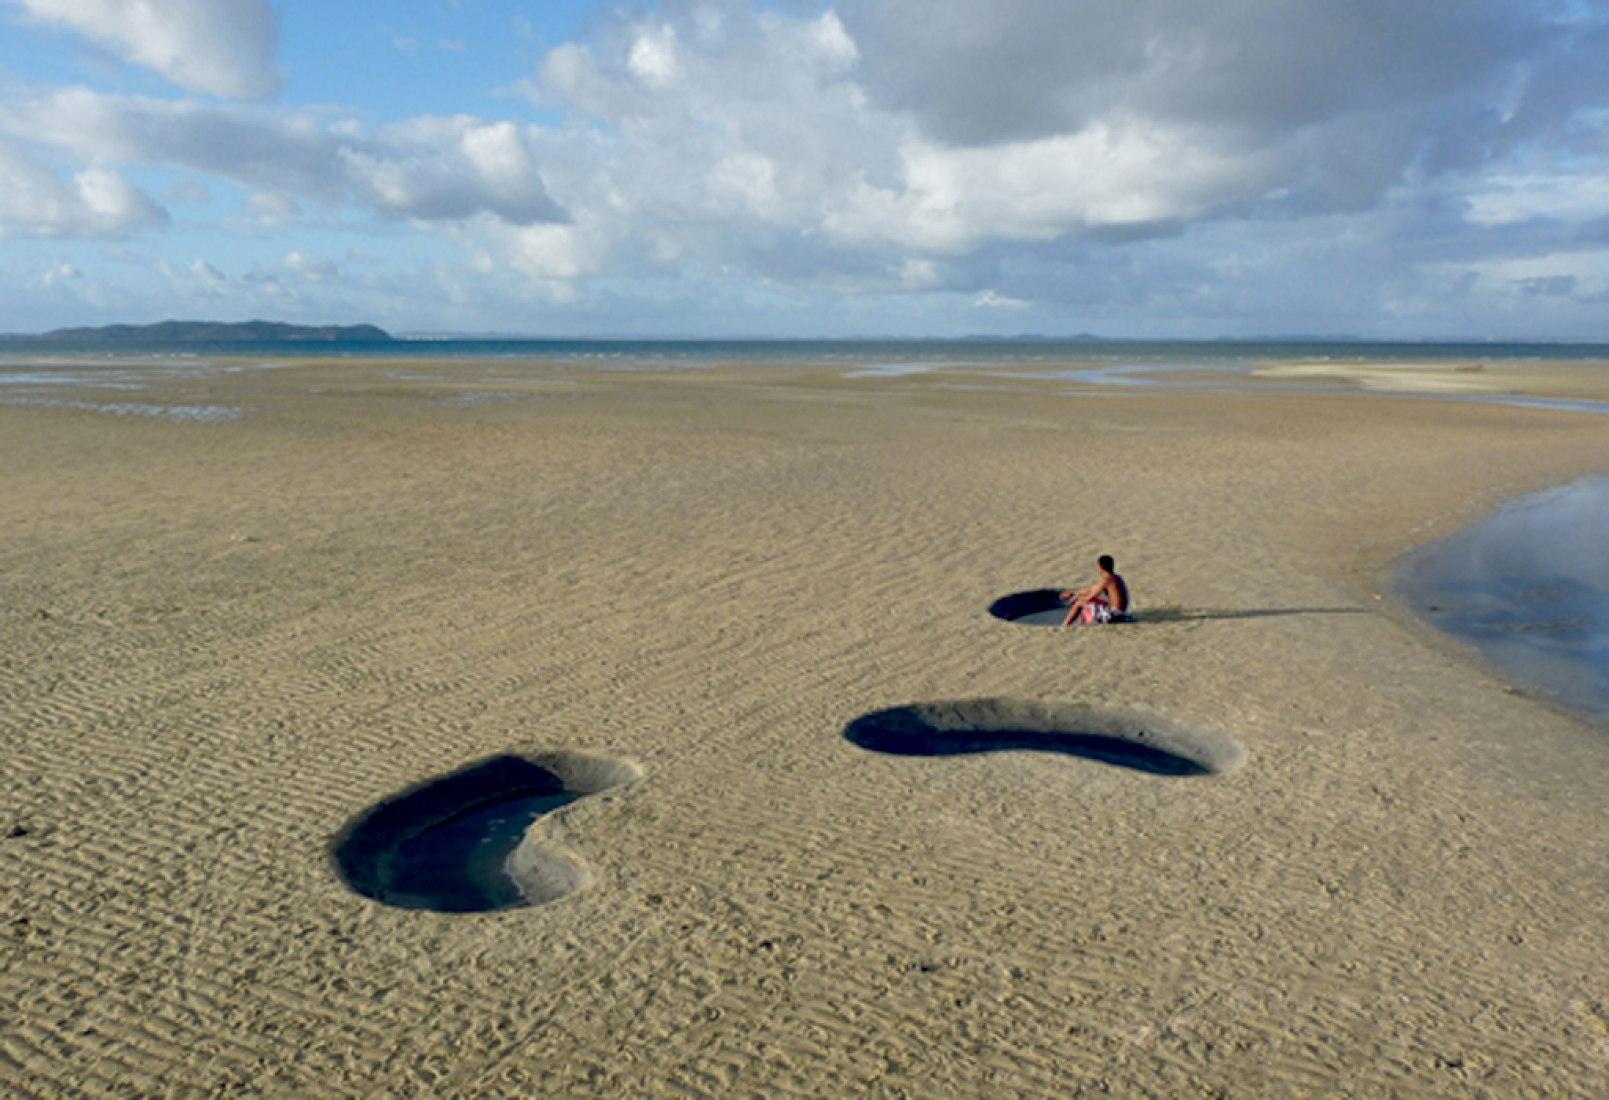 Baixa-mar, espelhos do ciél. Fotografía cortesía © X-STUDIO, Iván Juárez.